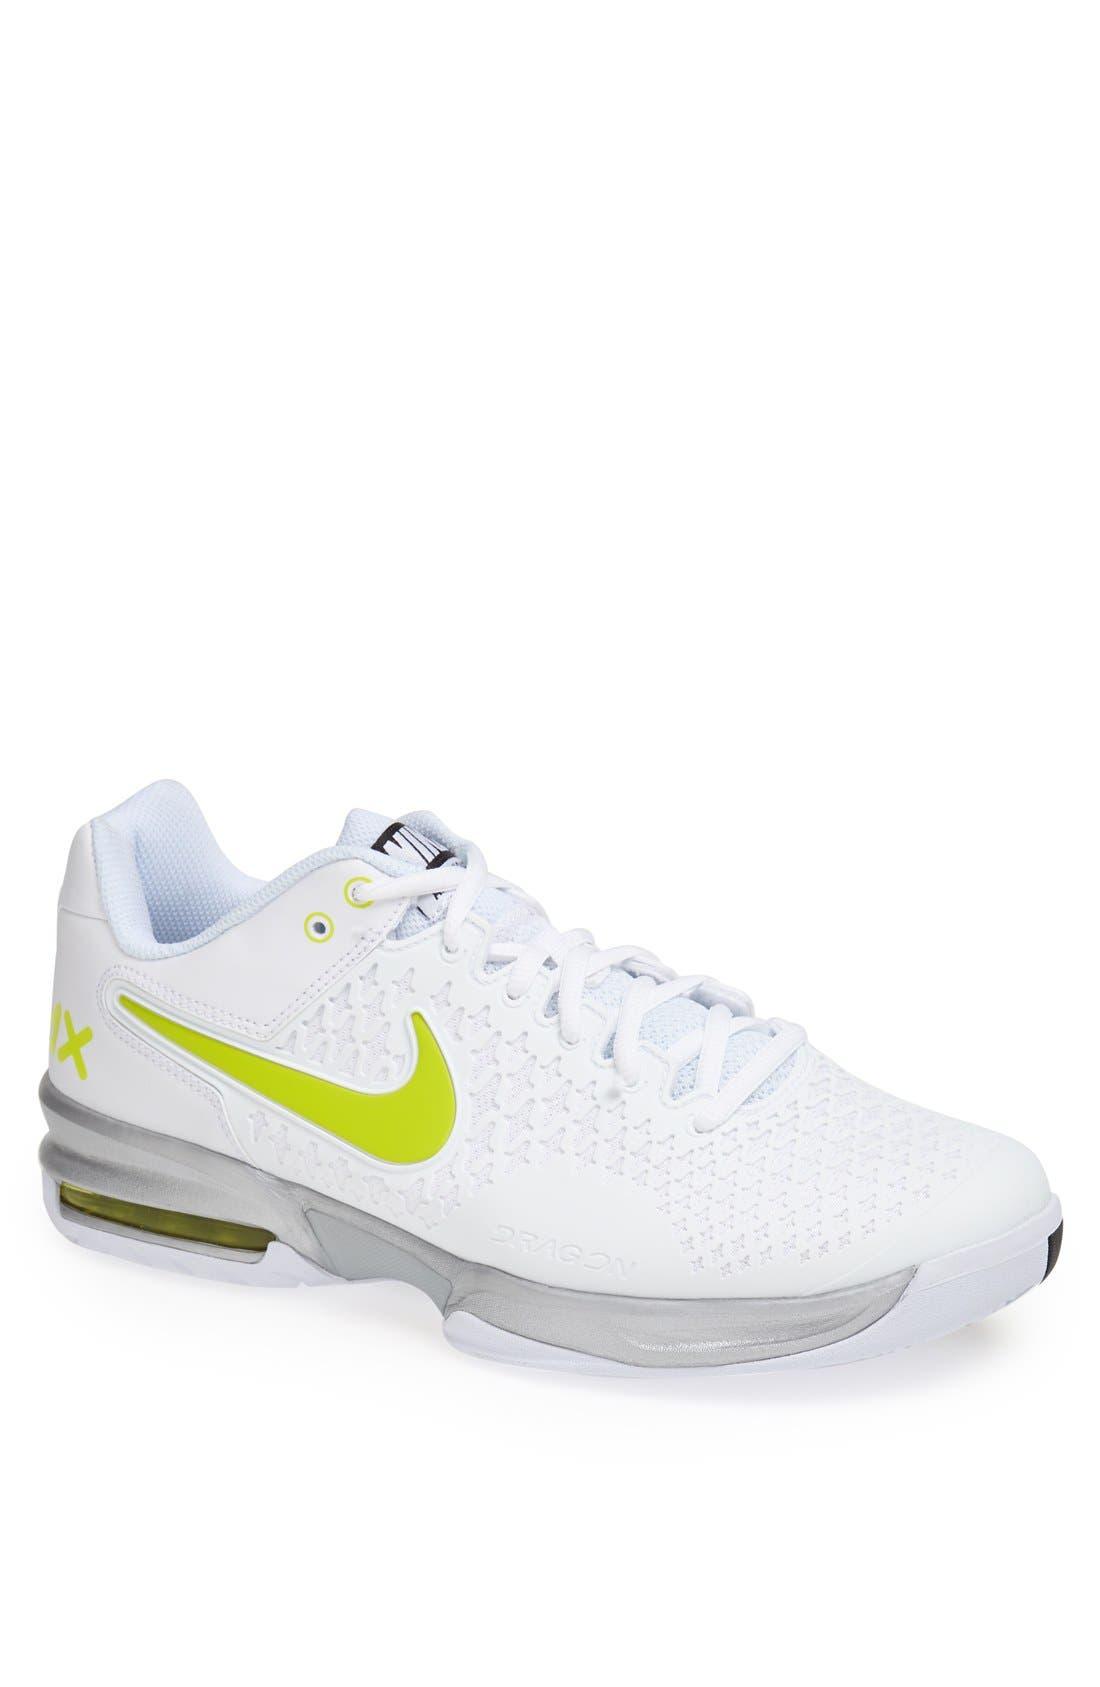 Alternate Image 1 Selected - Nike 'Air Max Cage' Tennis Shoe (Men)